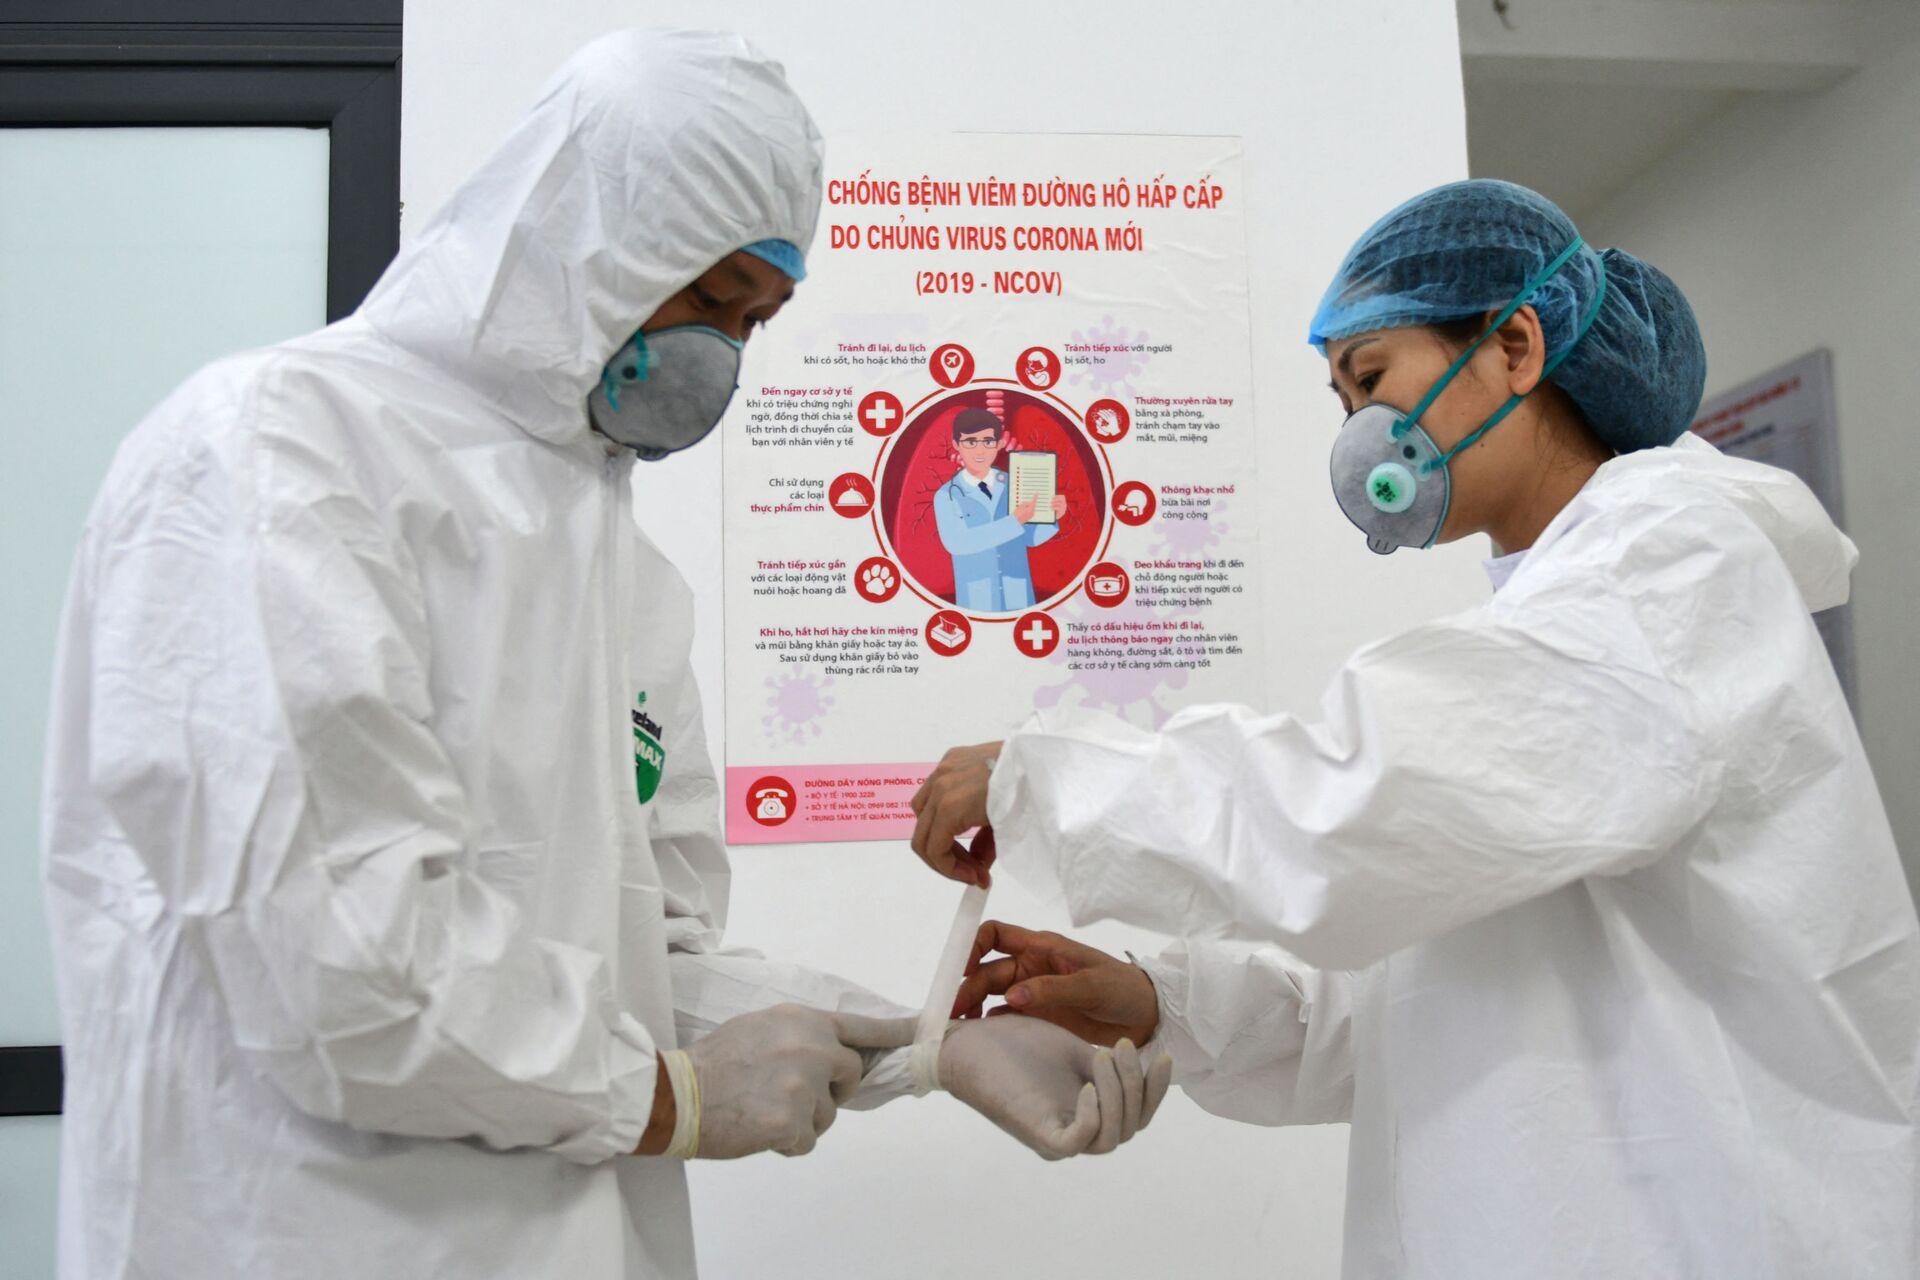 Chuyên gia: Việt Nam cần tiêm vaccine Covid-19 cho 70% dân số để đạt miễn dịch cộng đồng - Sputnik Việt Nam, 1920, 26.05.2021